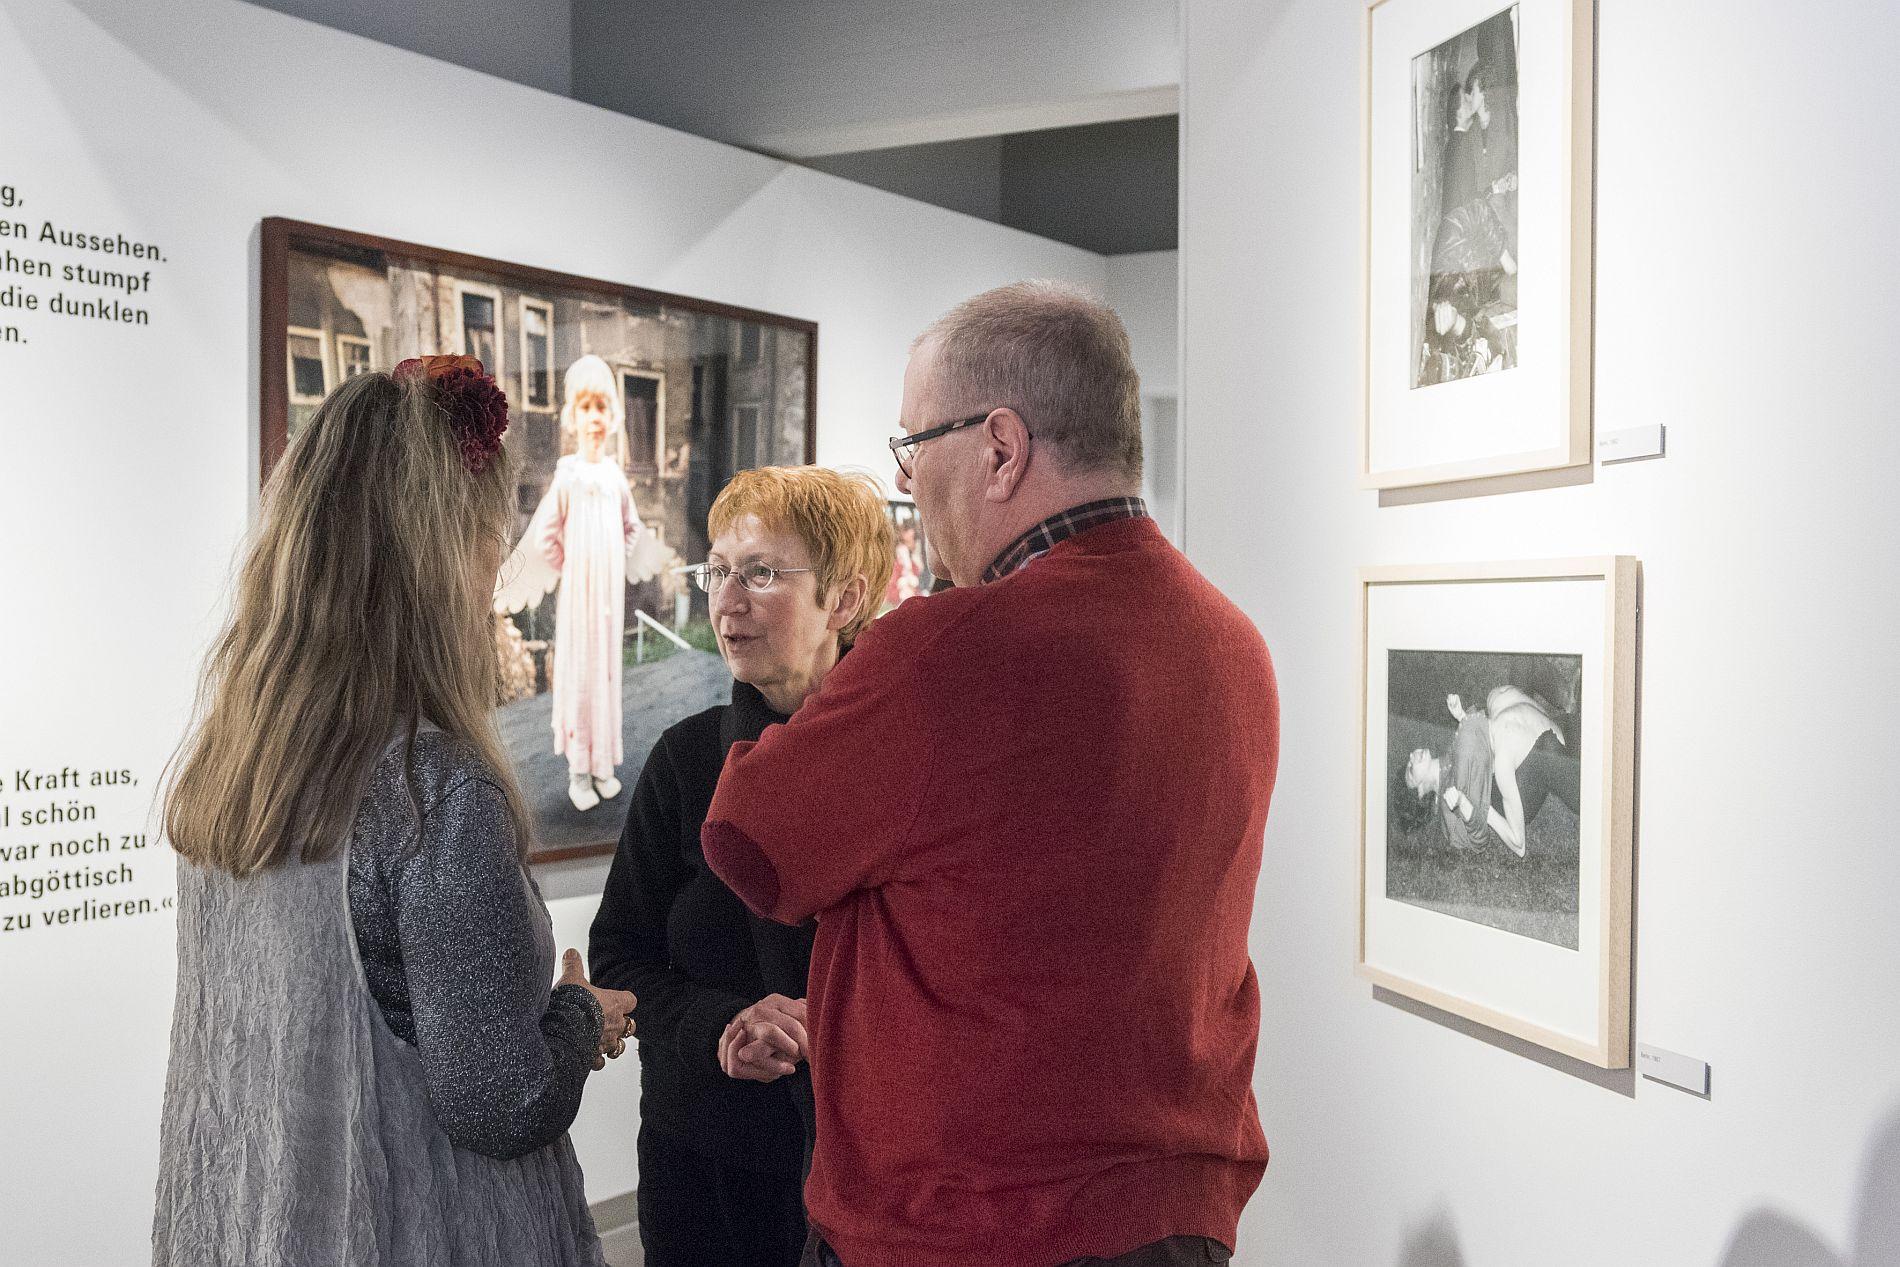 Gundula Schulze Eldowy spricht mit zwei Besuchern bei der Ausstellungseröffnung im Ausstellungspavillon Bonn